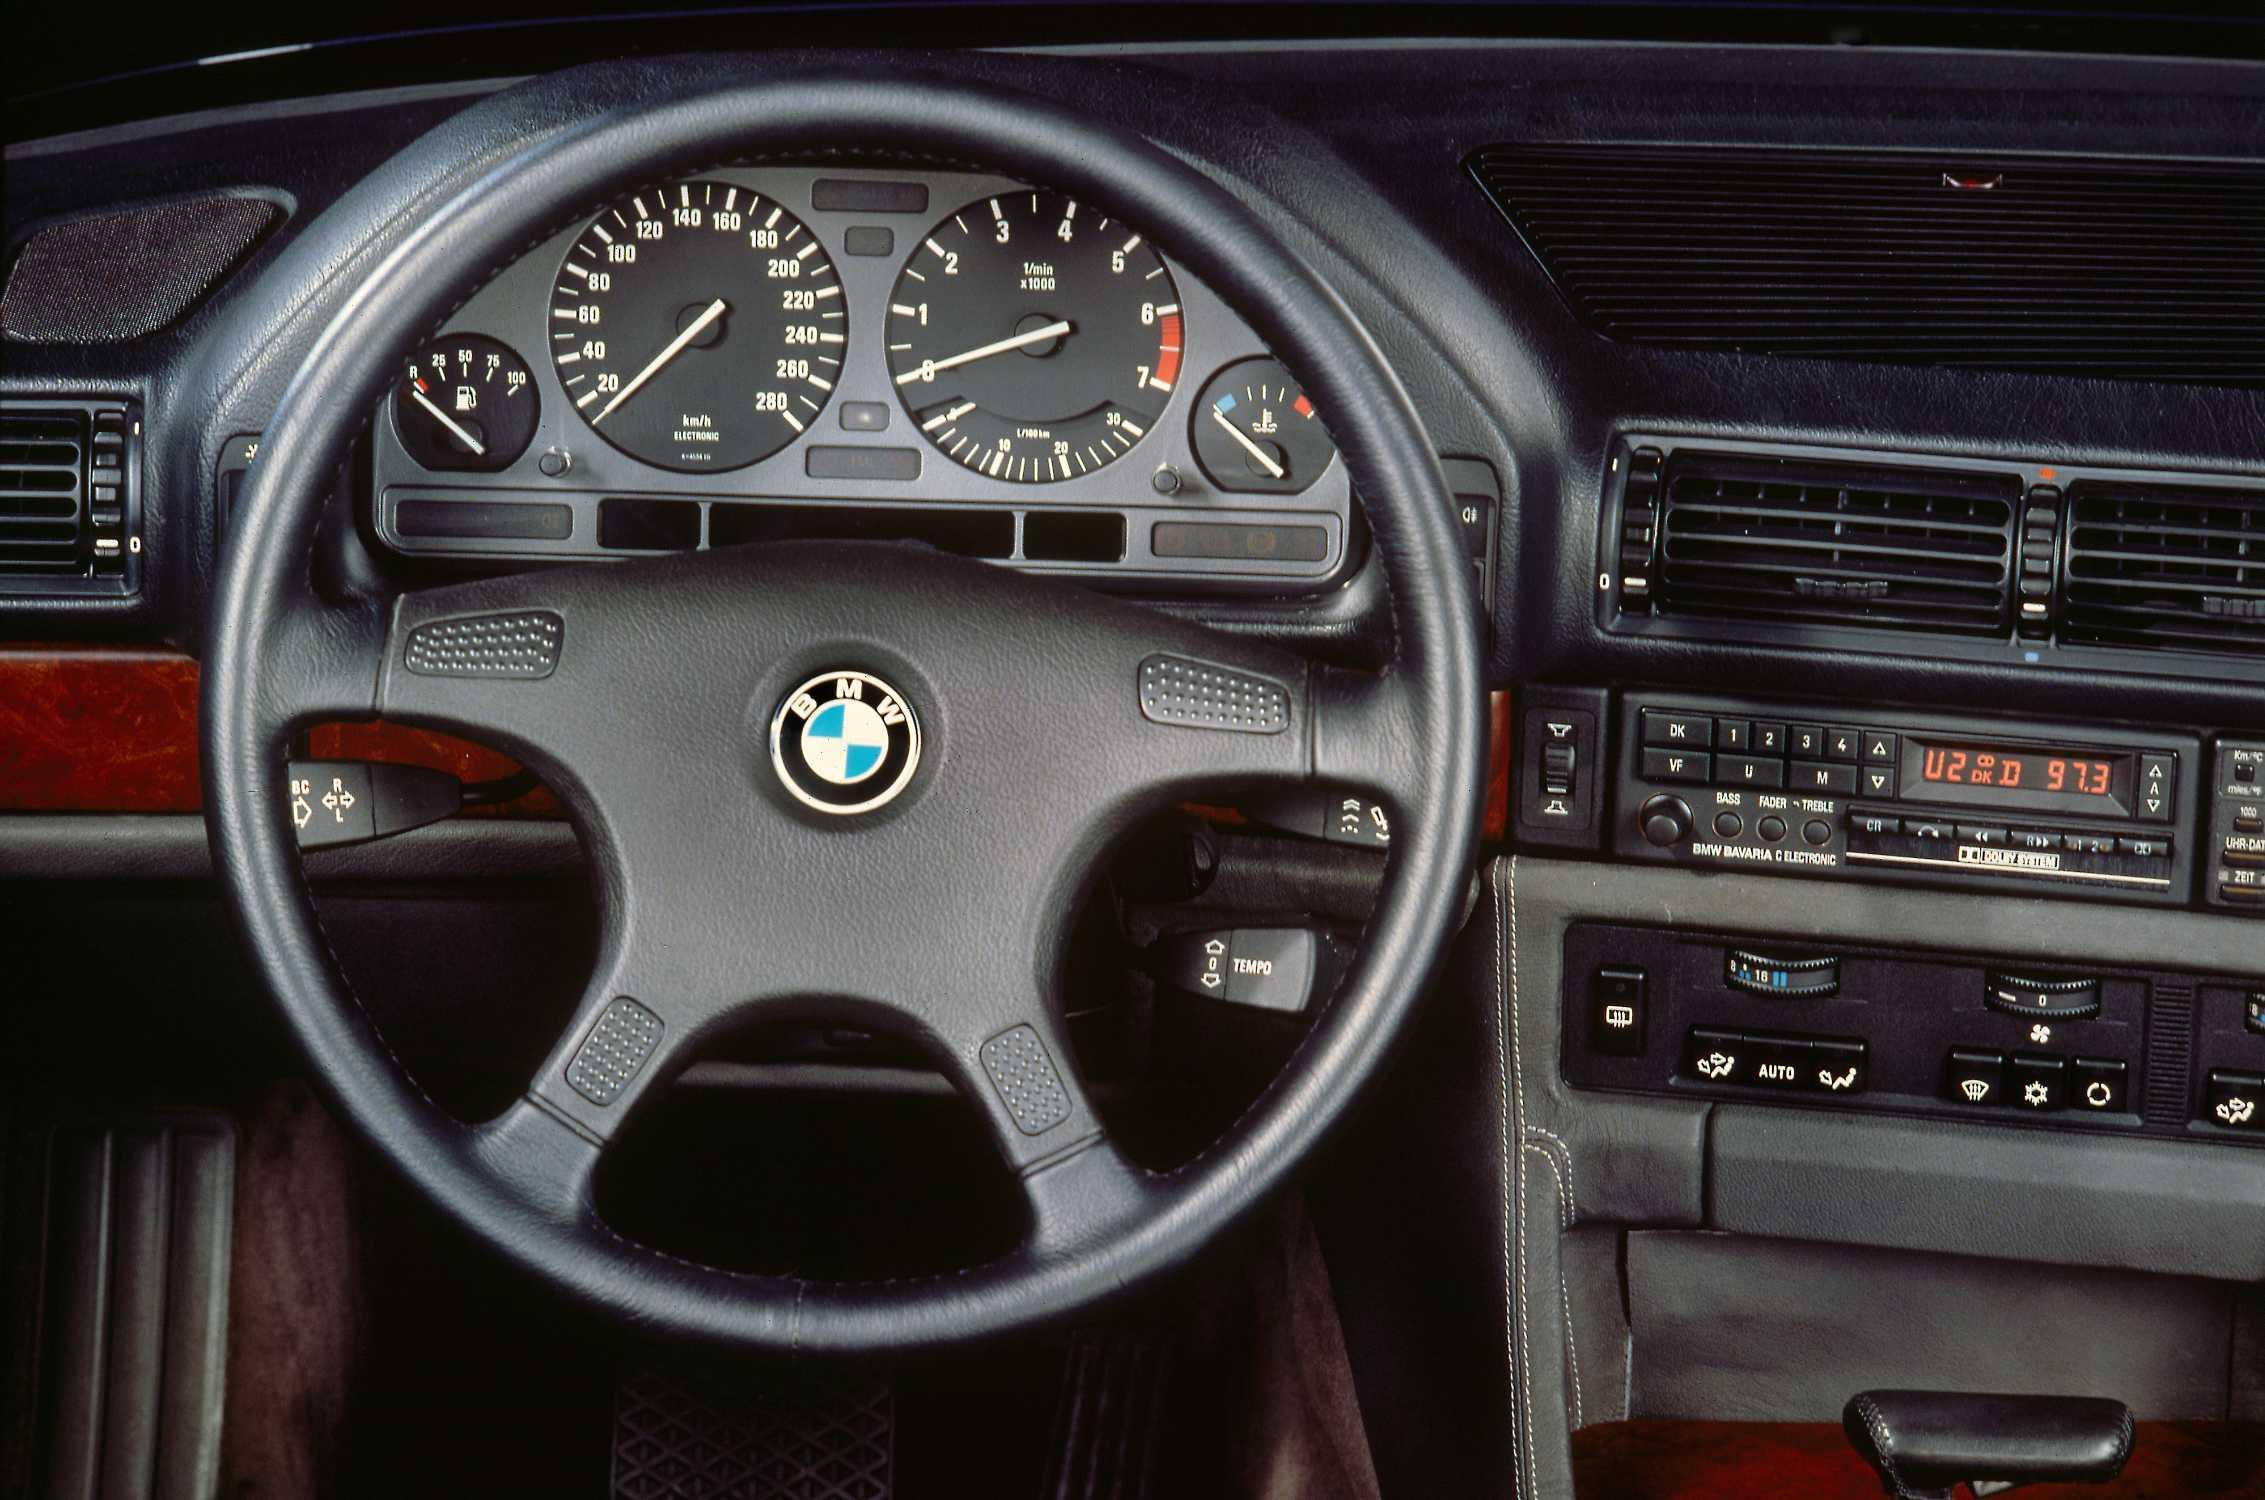 Bmw 750i 2015 >> BMW 750iL cockpit - second generation BMW 7 Series, E32 (06/2015).